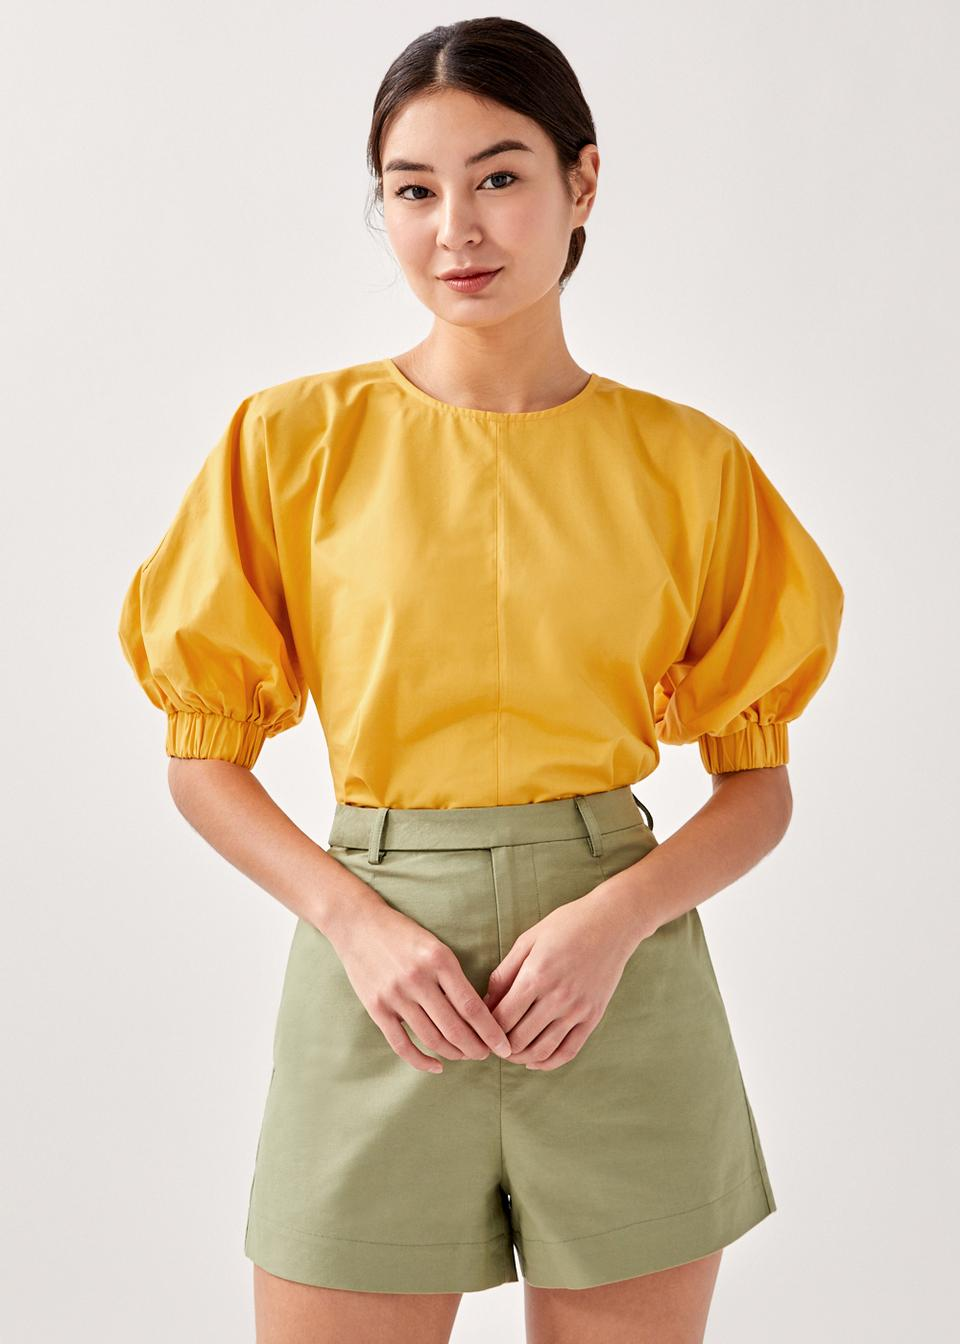 這件上衣讓在家工作的你,也能充滿活力